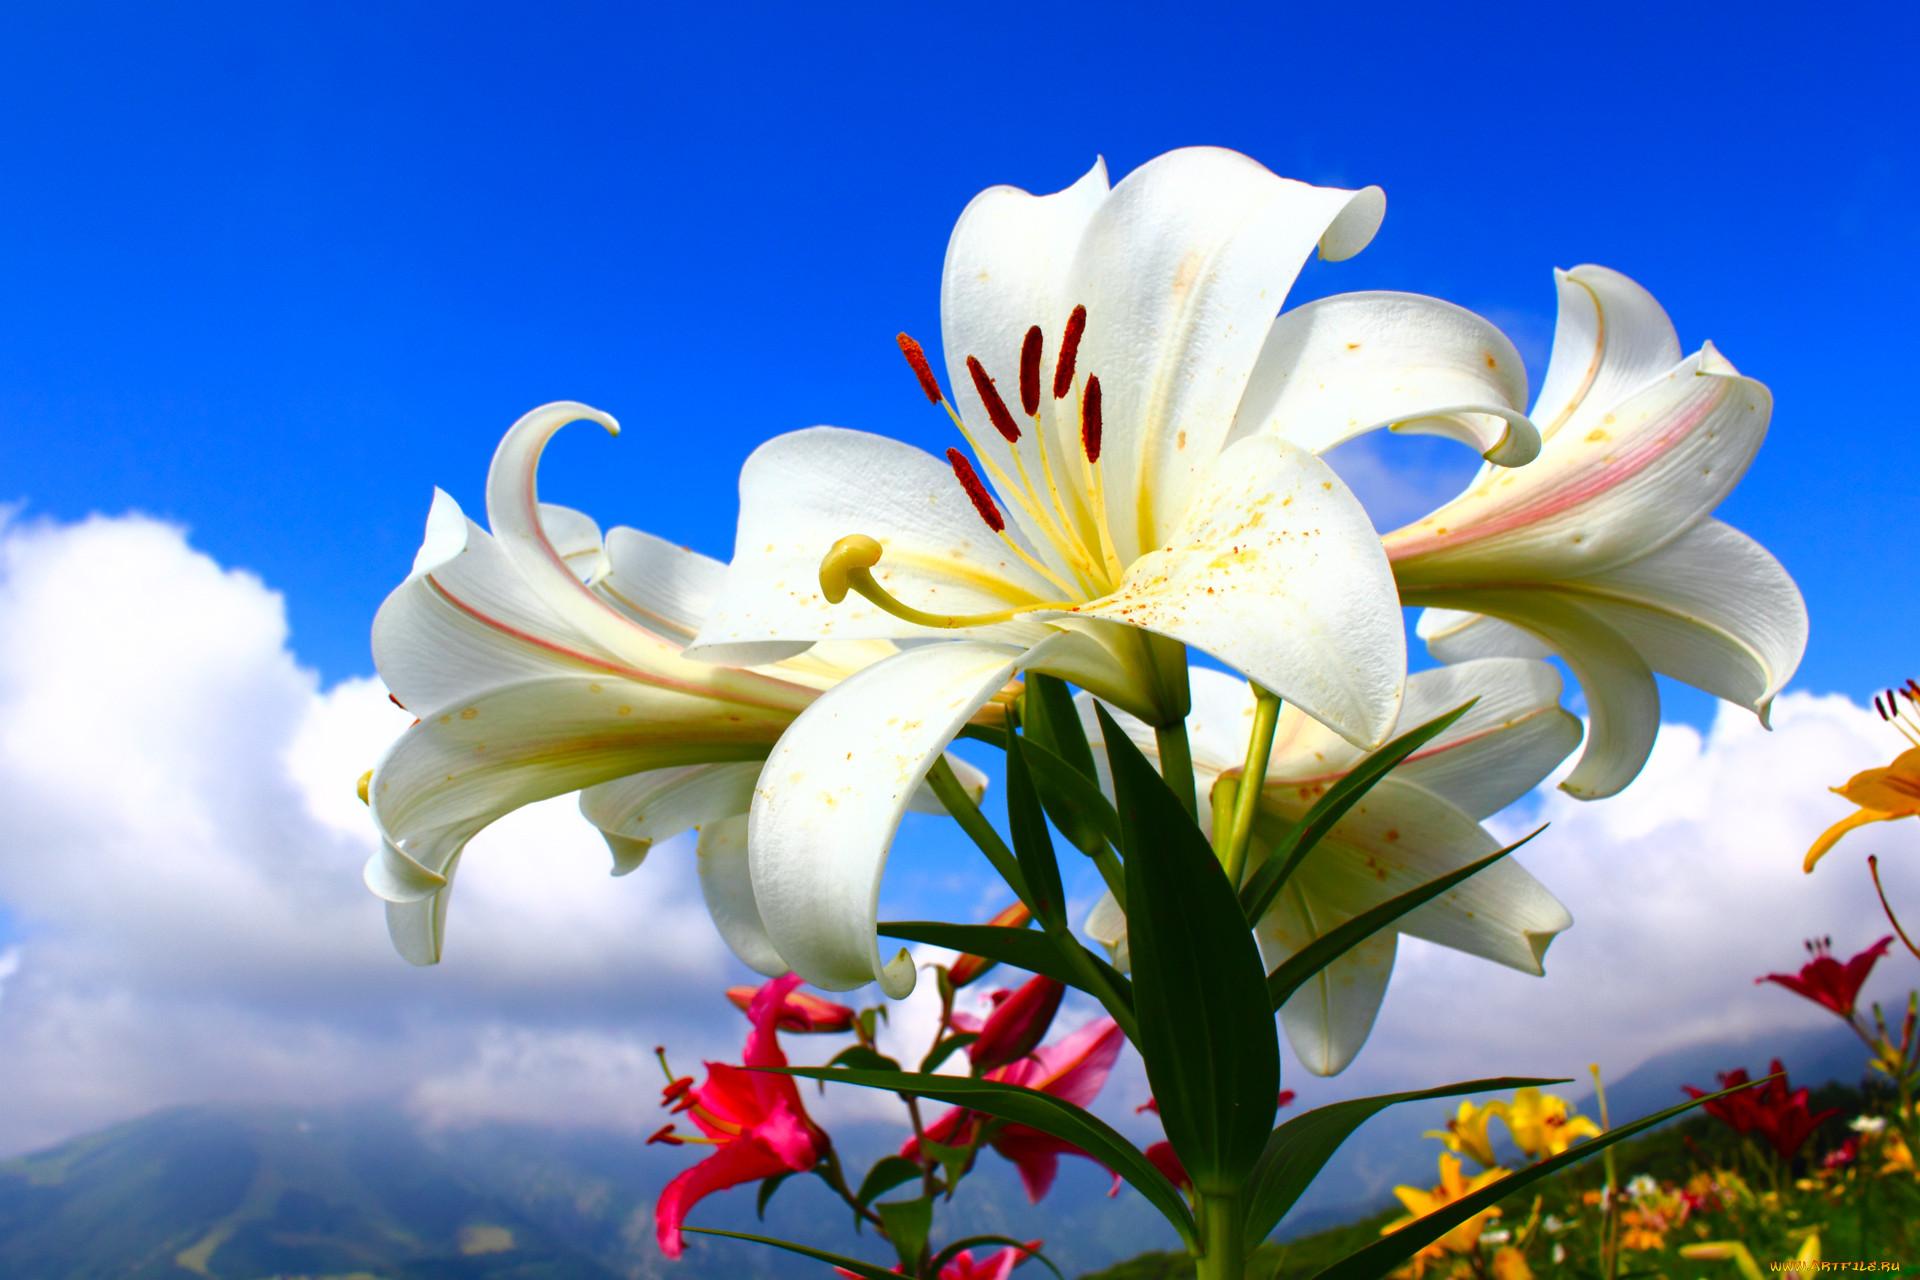 модное на рабочий стол картинки цветка лилии много